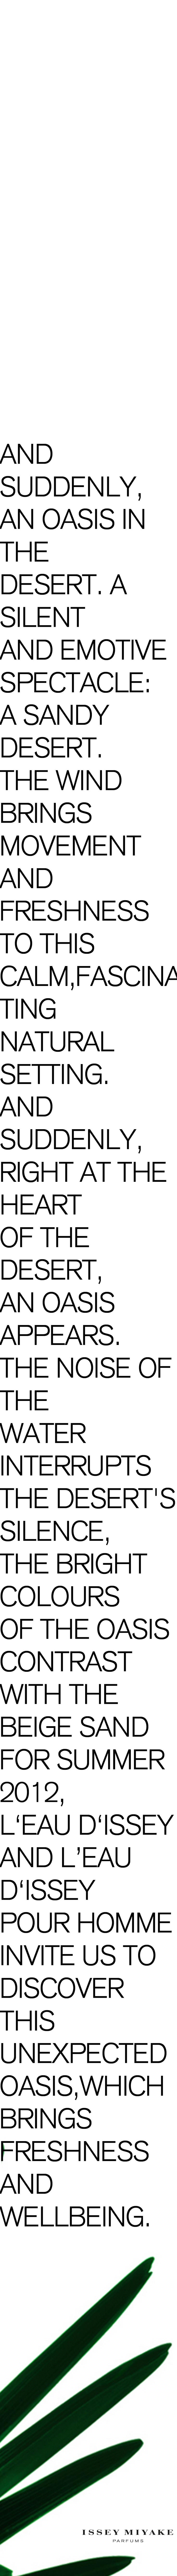 http://www.isseymiyakeparfums.com/en/experiences/oasis